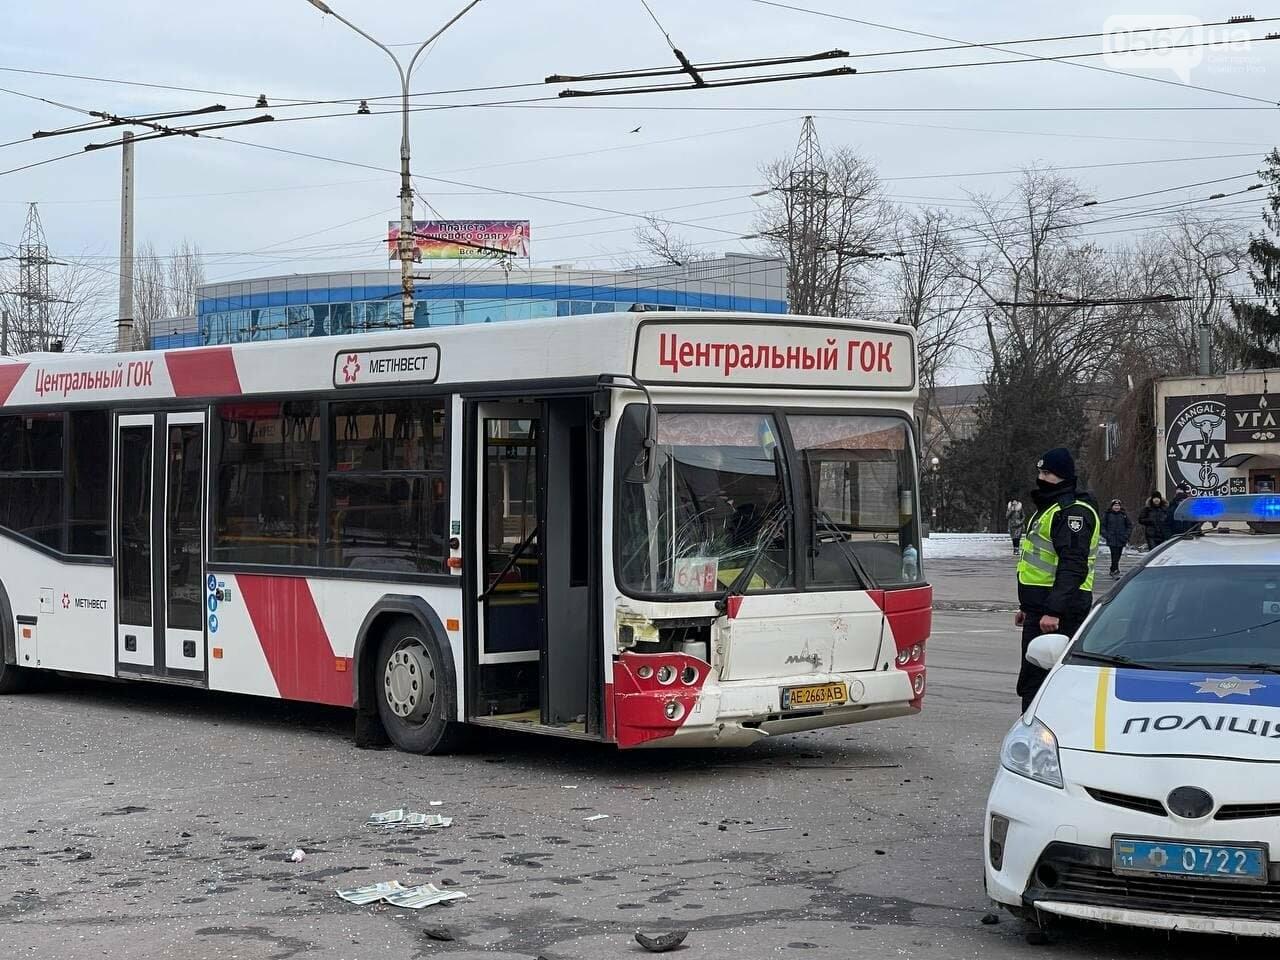 В Кривом Роге столкнулись автобус и легковой ВАЗ, машина перевернулась на крышу, - ФОТО, фото-8